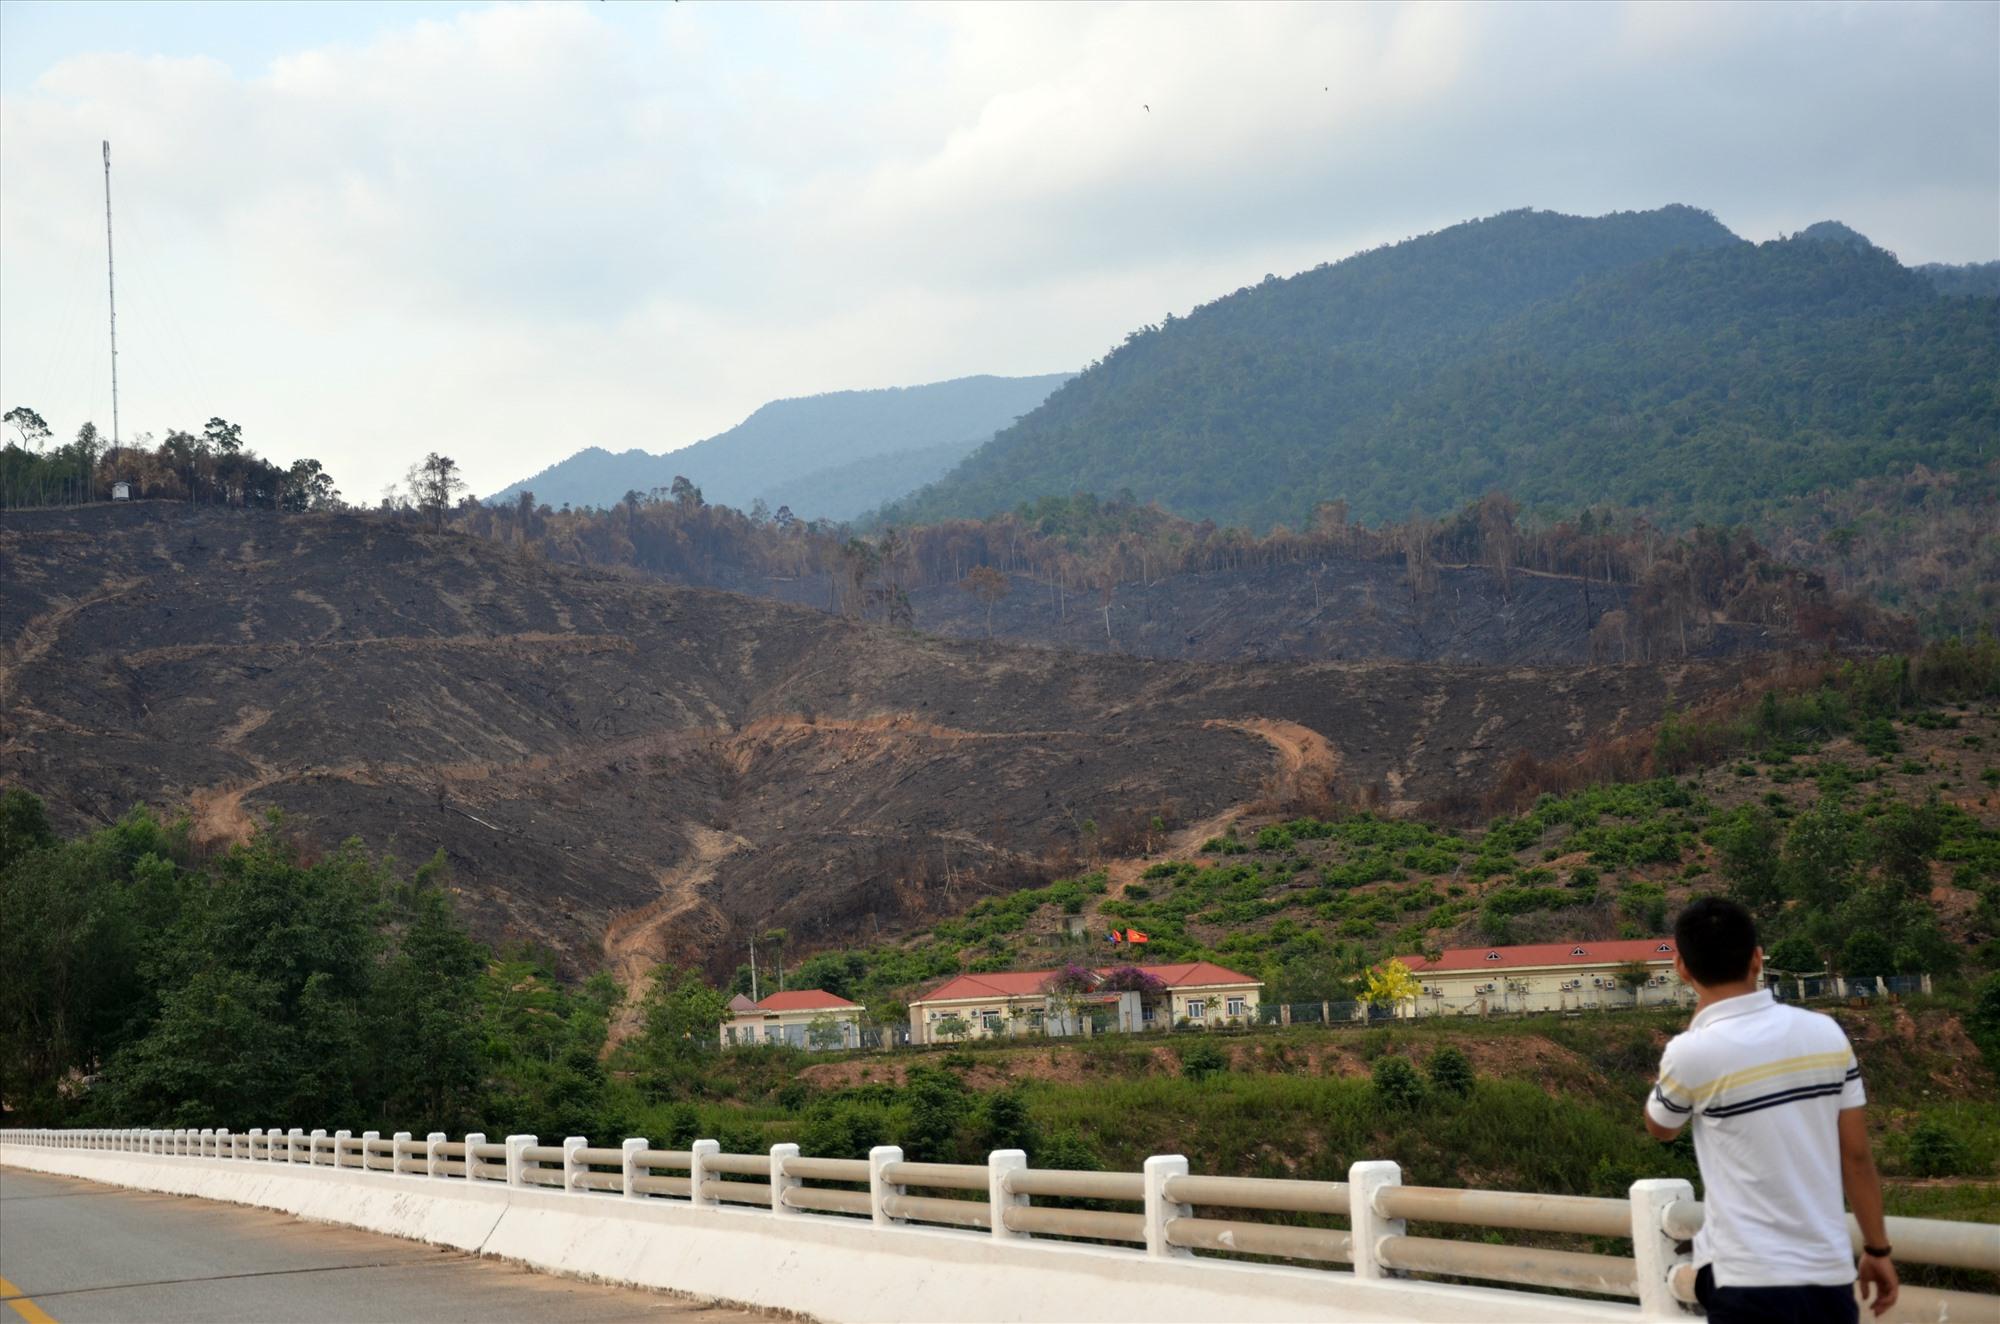 Vụ cháy rừng ở xã Mà Cooih (Đông Giang) vừa qua gây thiệt hại hơn 30ha. Ảnh: H.P